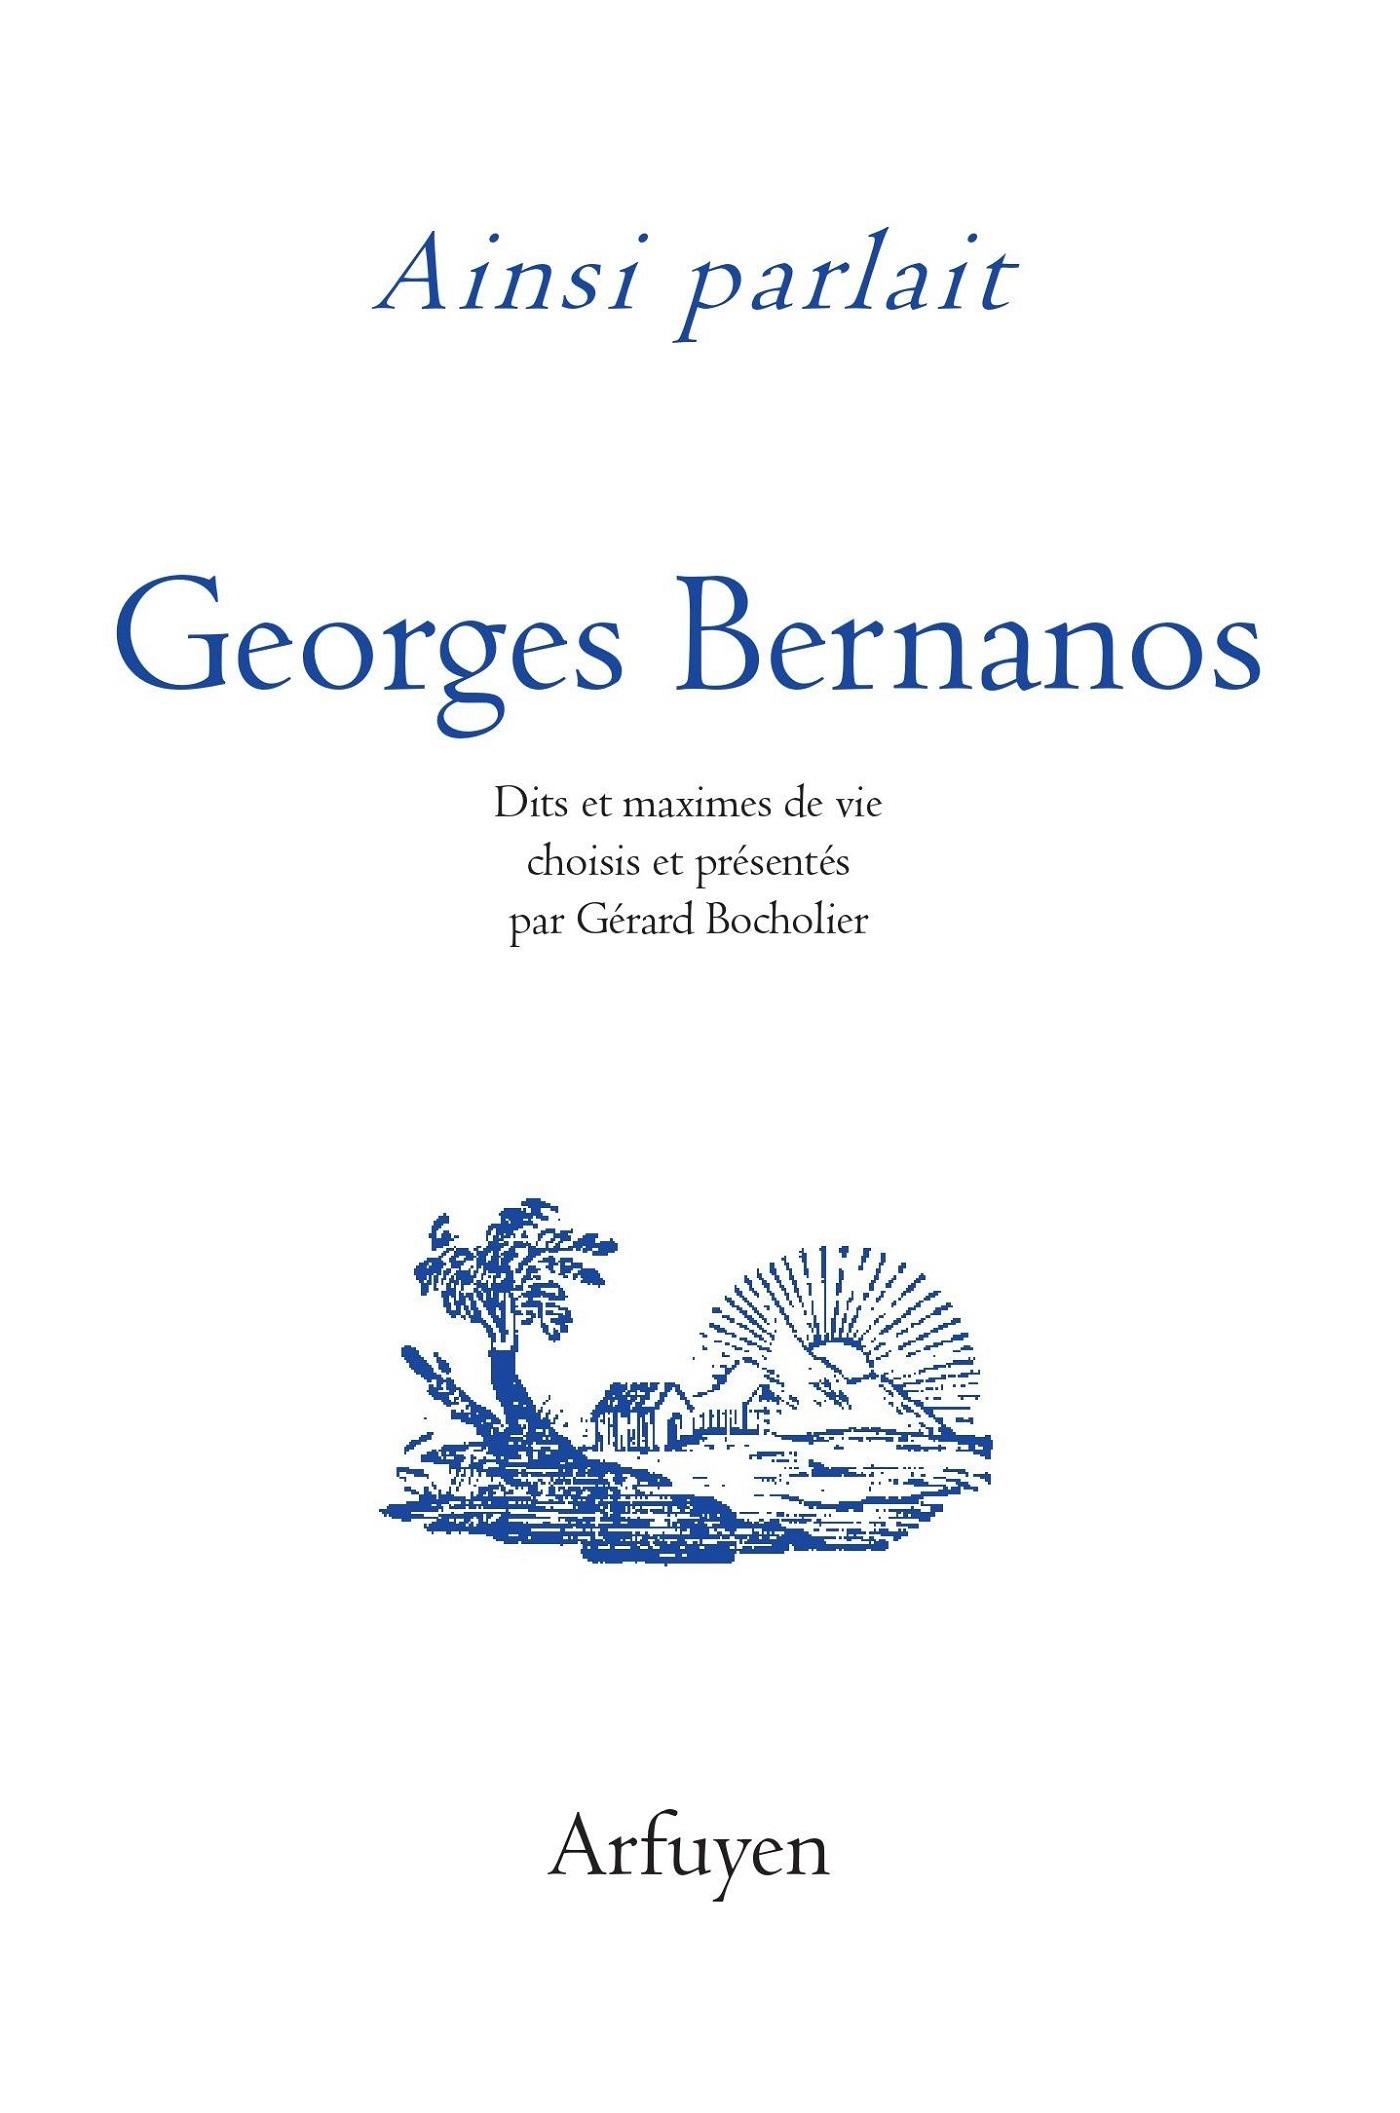 AINSI PARLAIT GEORGES BERNANOS - DITS ET MAXIMES DE VIE